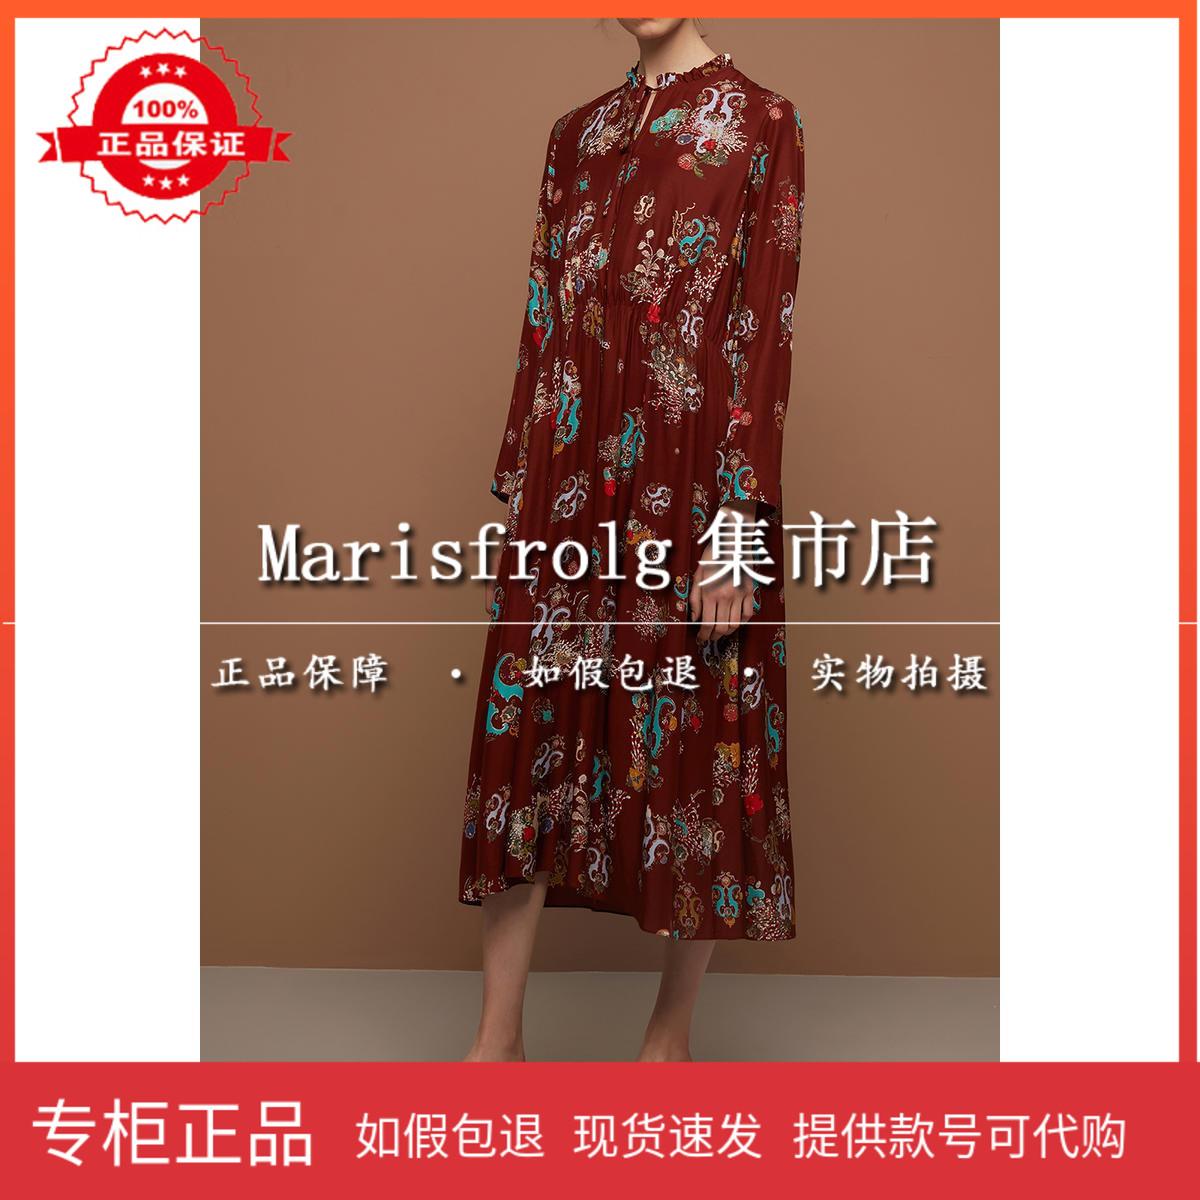 玛丝菲尔女装正品 国内代购 玛丝菲尔2020春款专柜正品 连衣裙女 A1JS30156-¥4480_推荐淘宝好看的玛丝菲尔正品